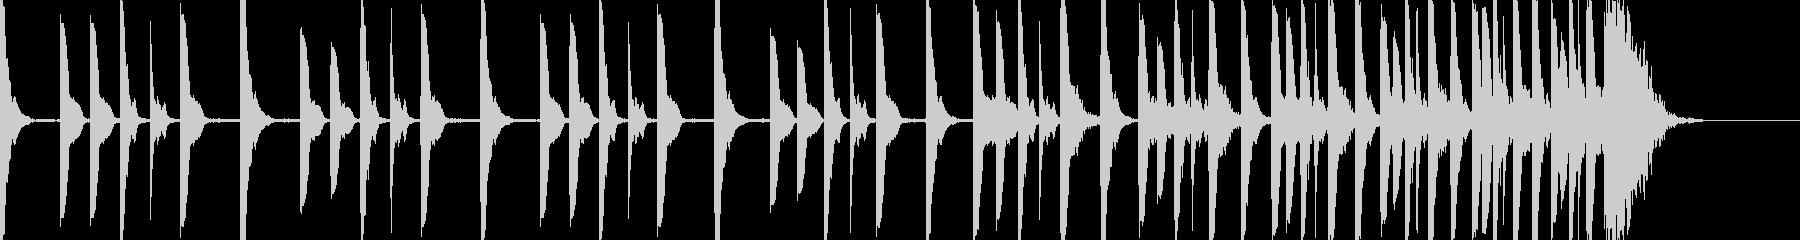 ハラハラドキドキ シンキングタイム10秒の未再生の波形